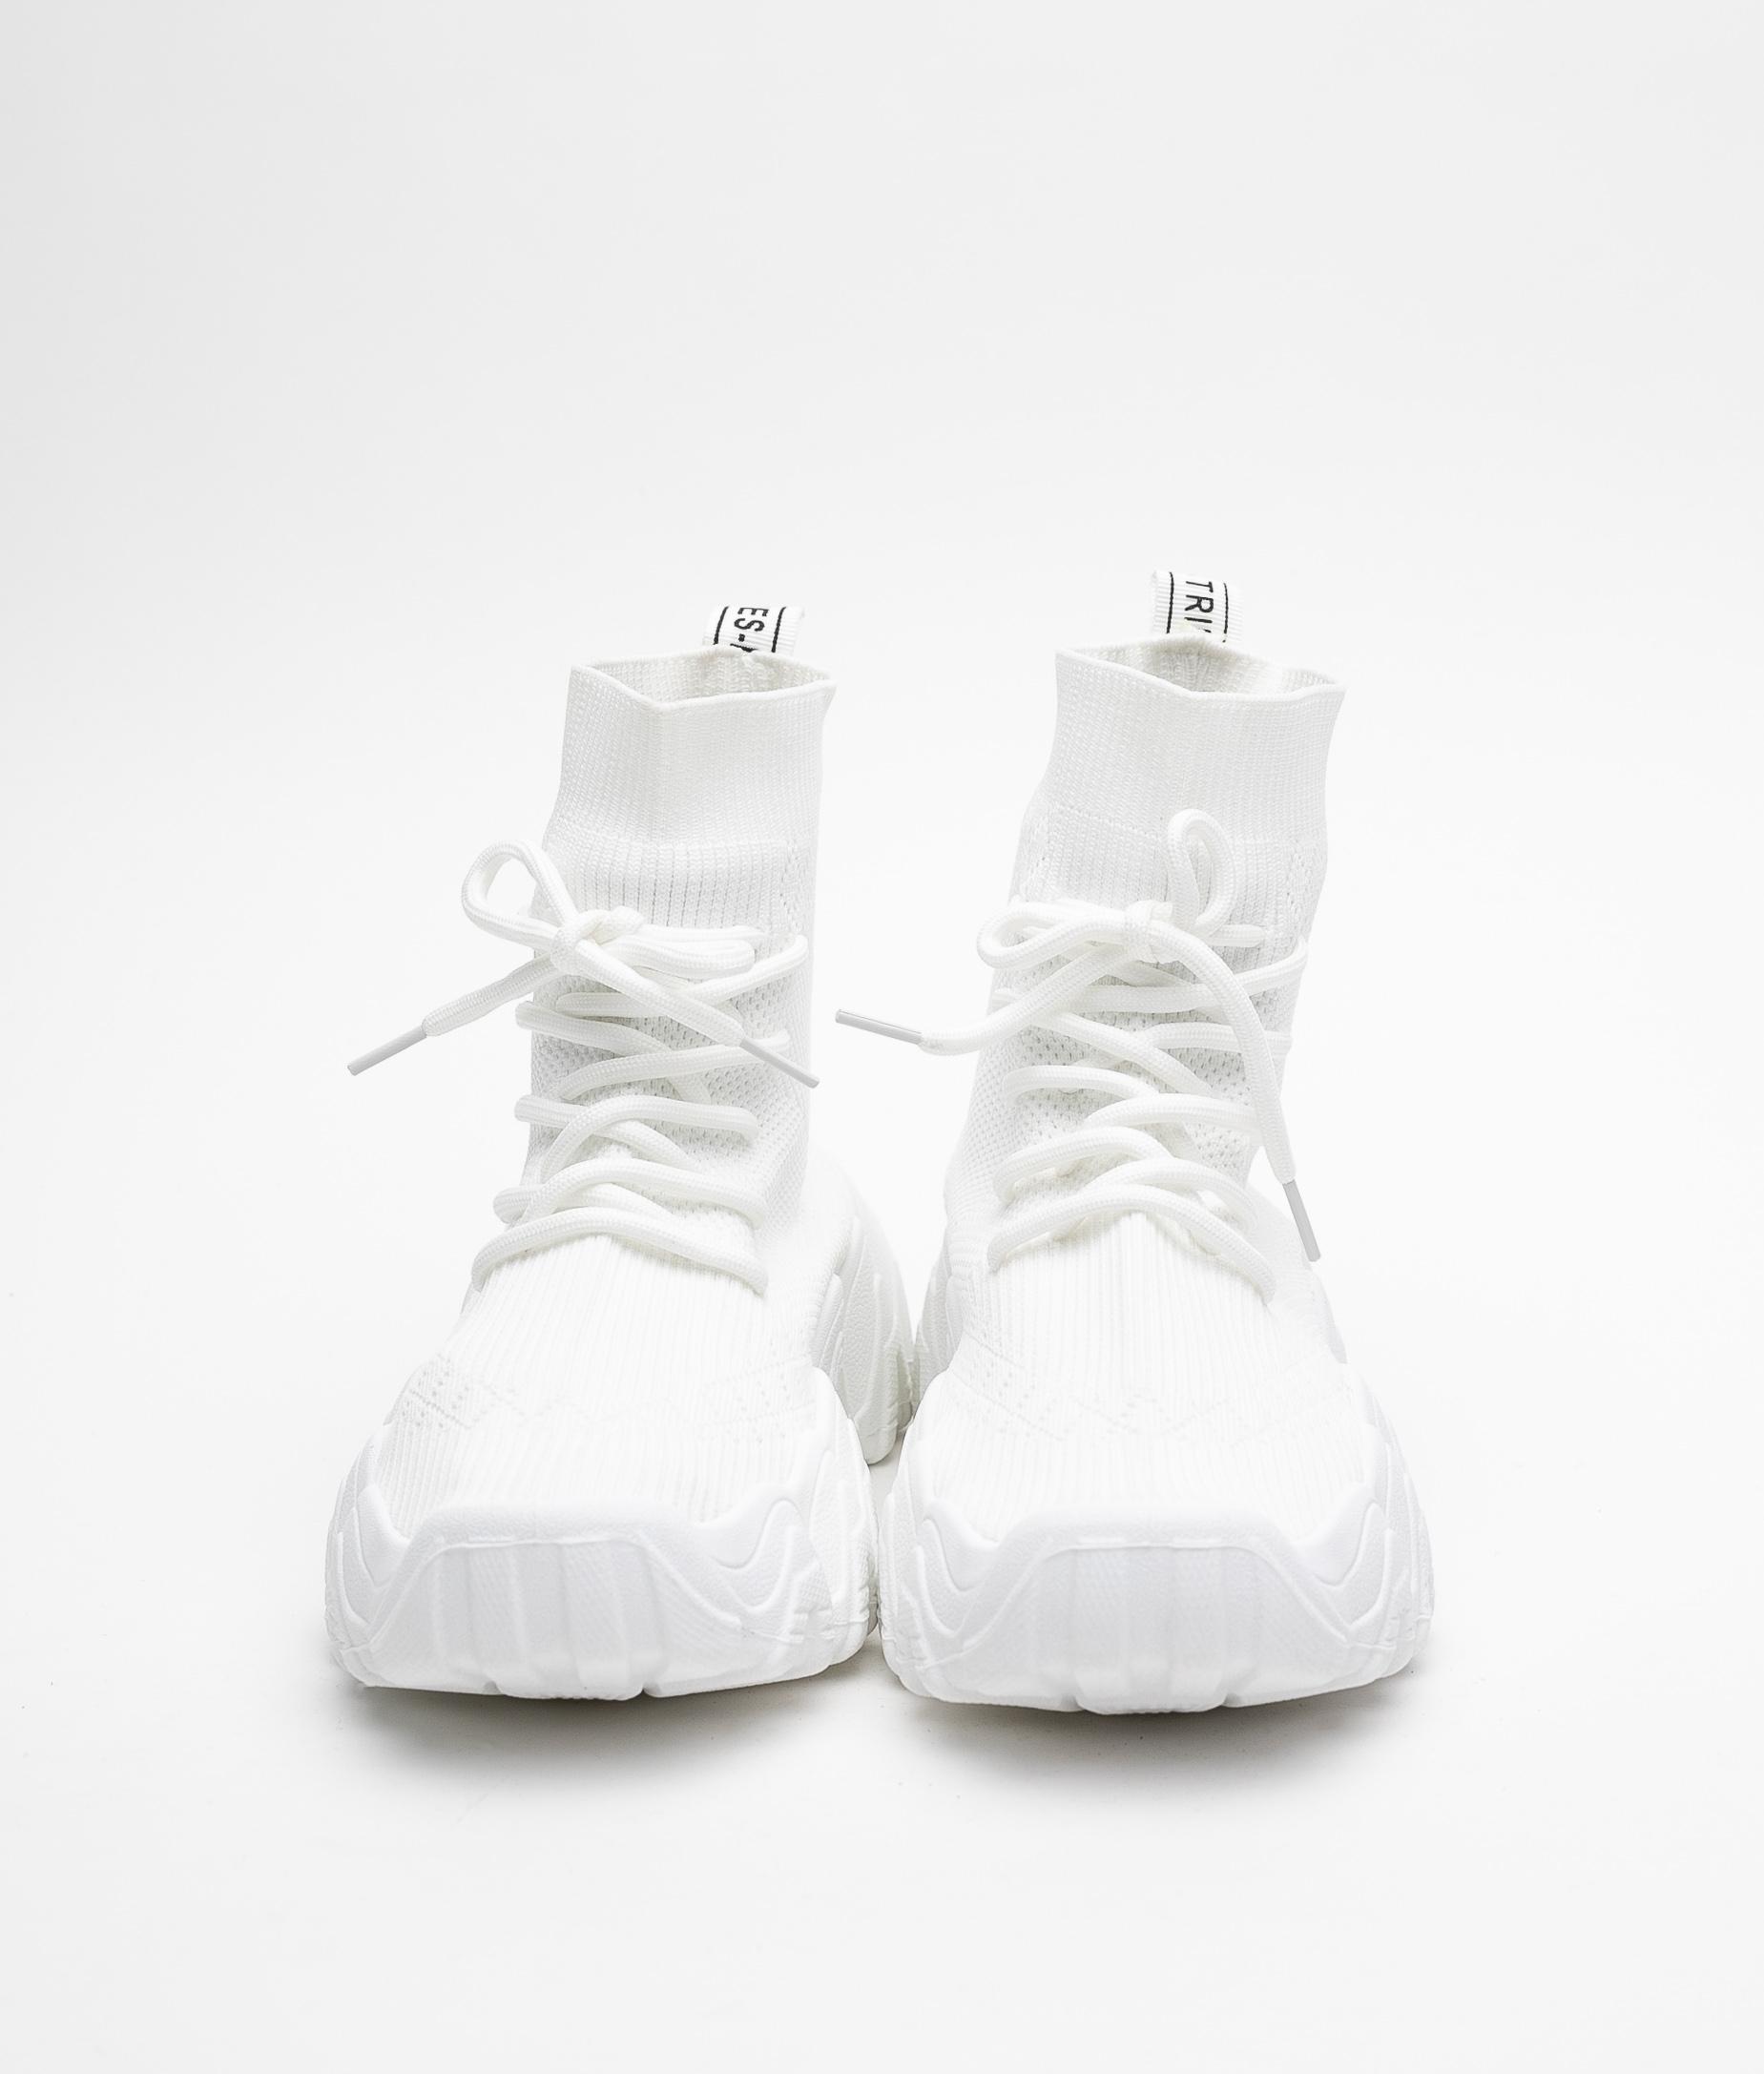 Sneakers CLATI - White